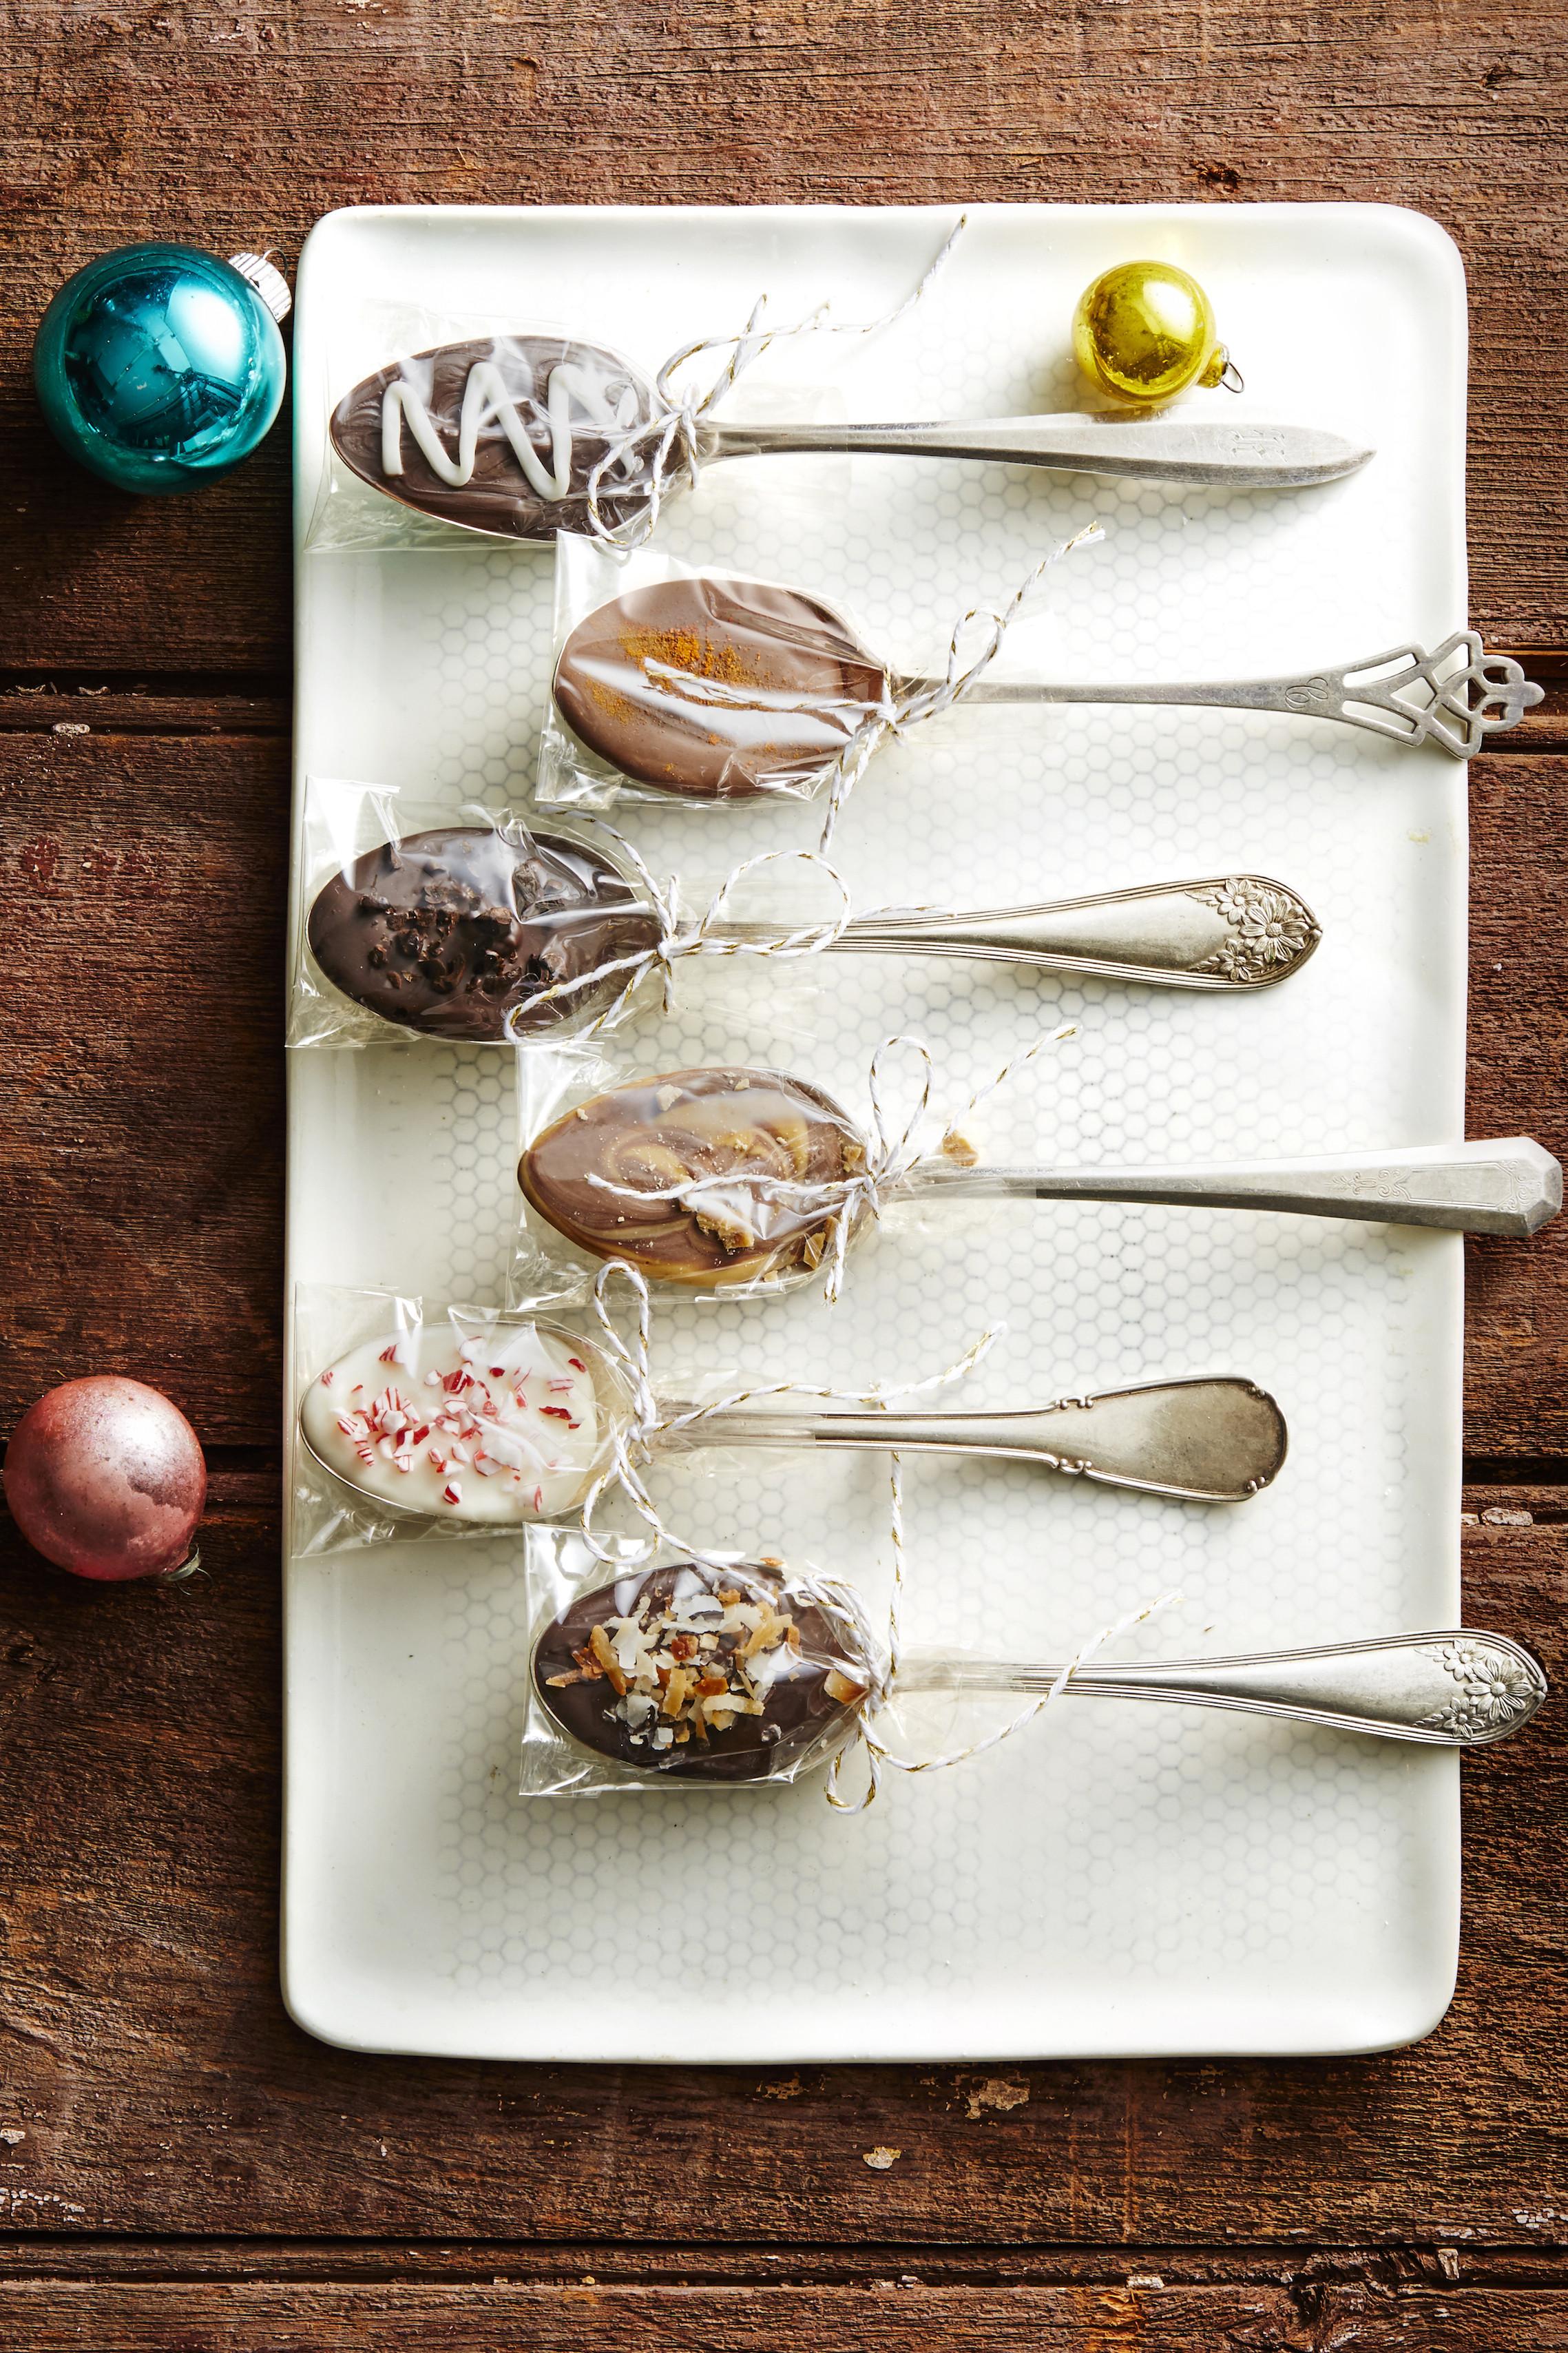 DIY Easy Christmas Gifts  50 Homemade Christmas Food Gifts DIY Ideas for Edible